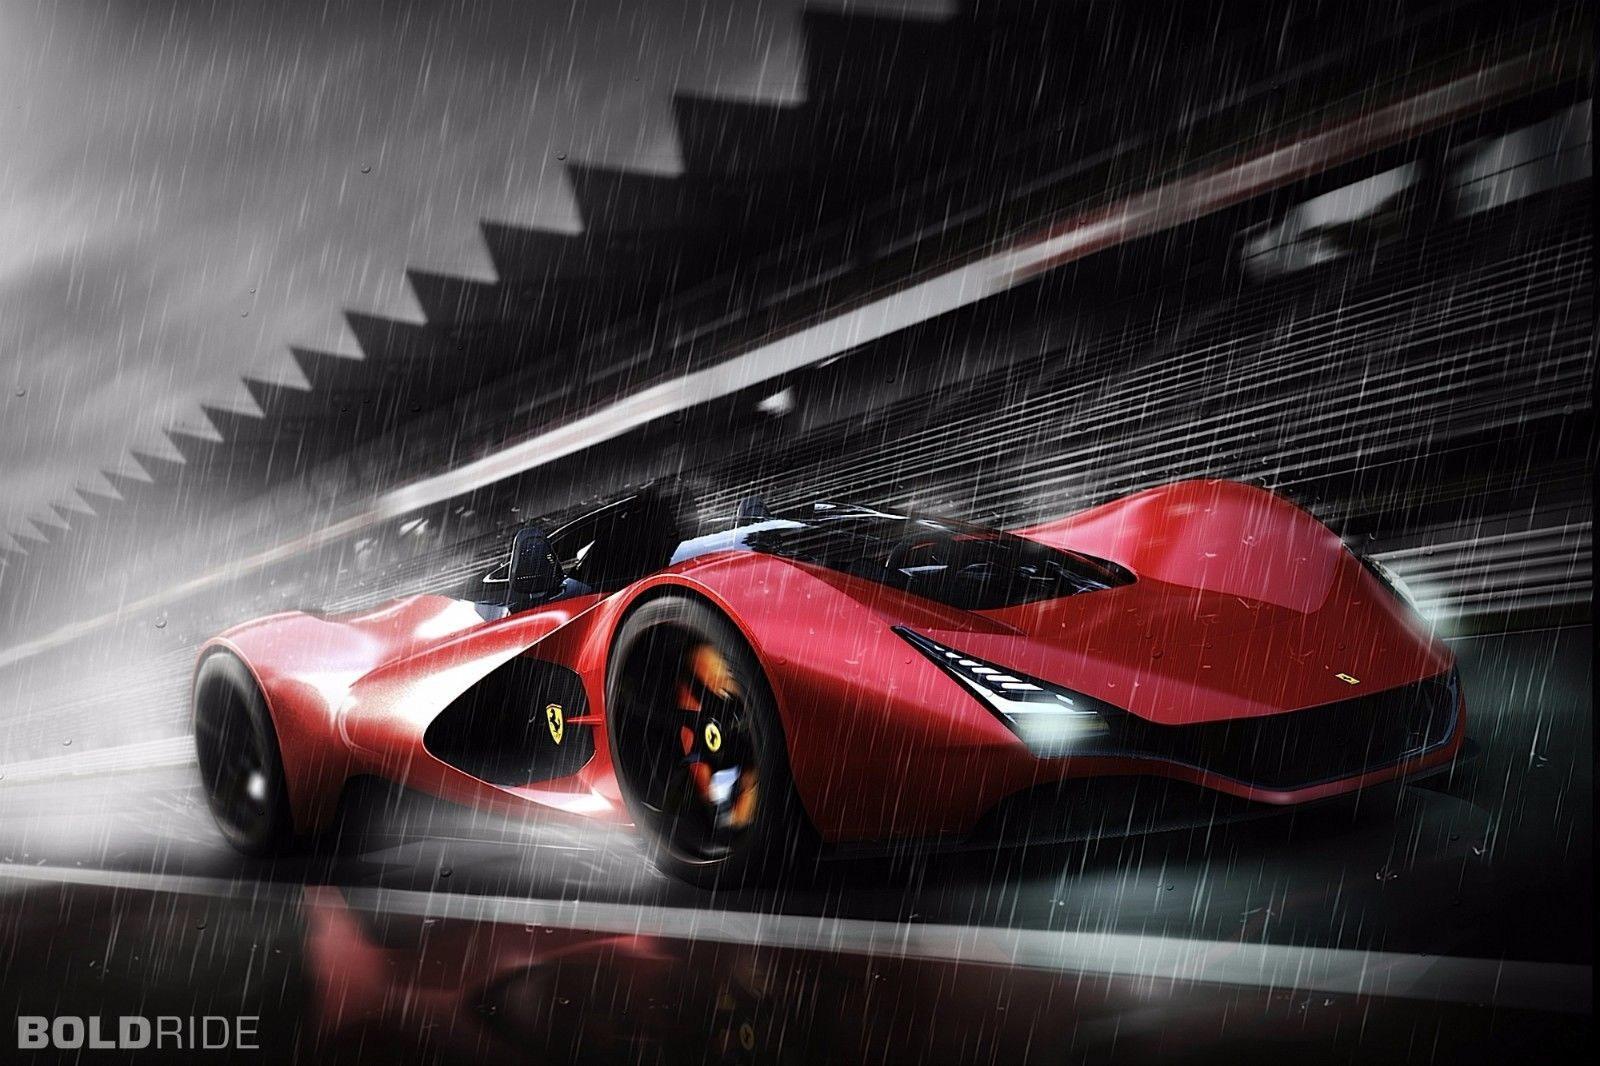 129154 2011 Ferrari Aliante Concept superca Matte Decor WALL PRINT POSTER AU